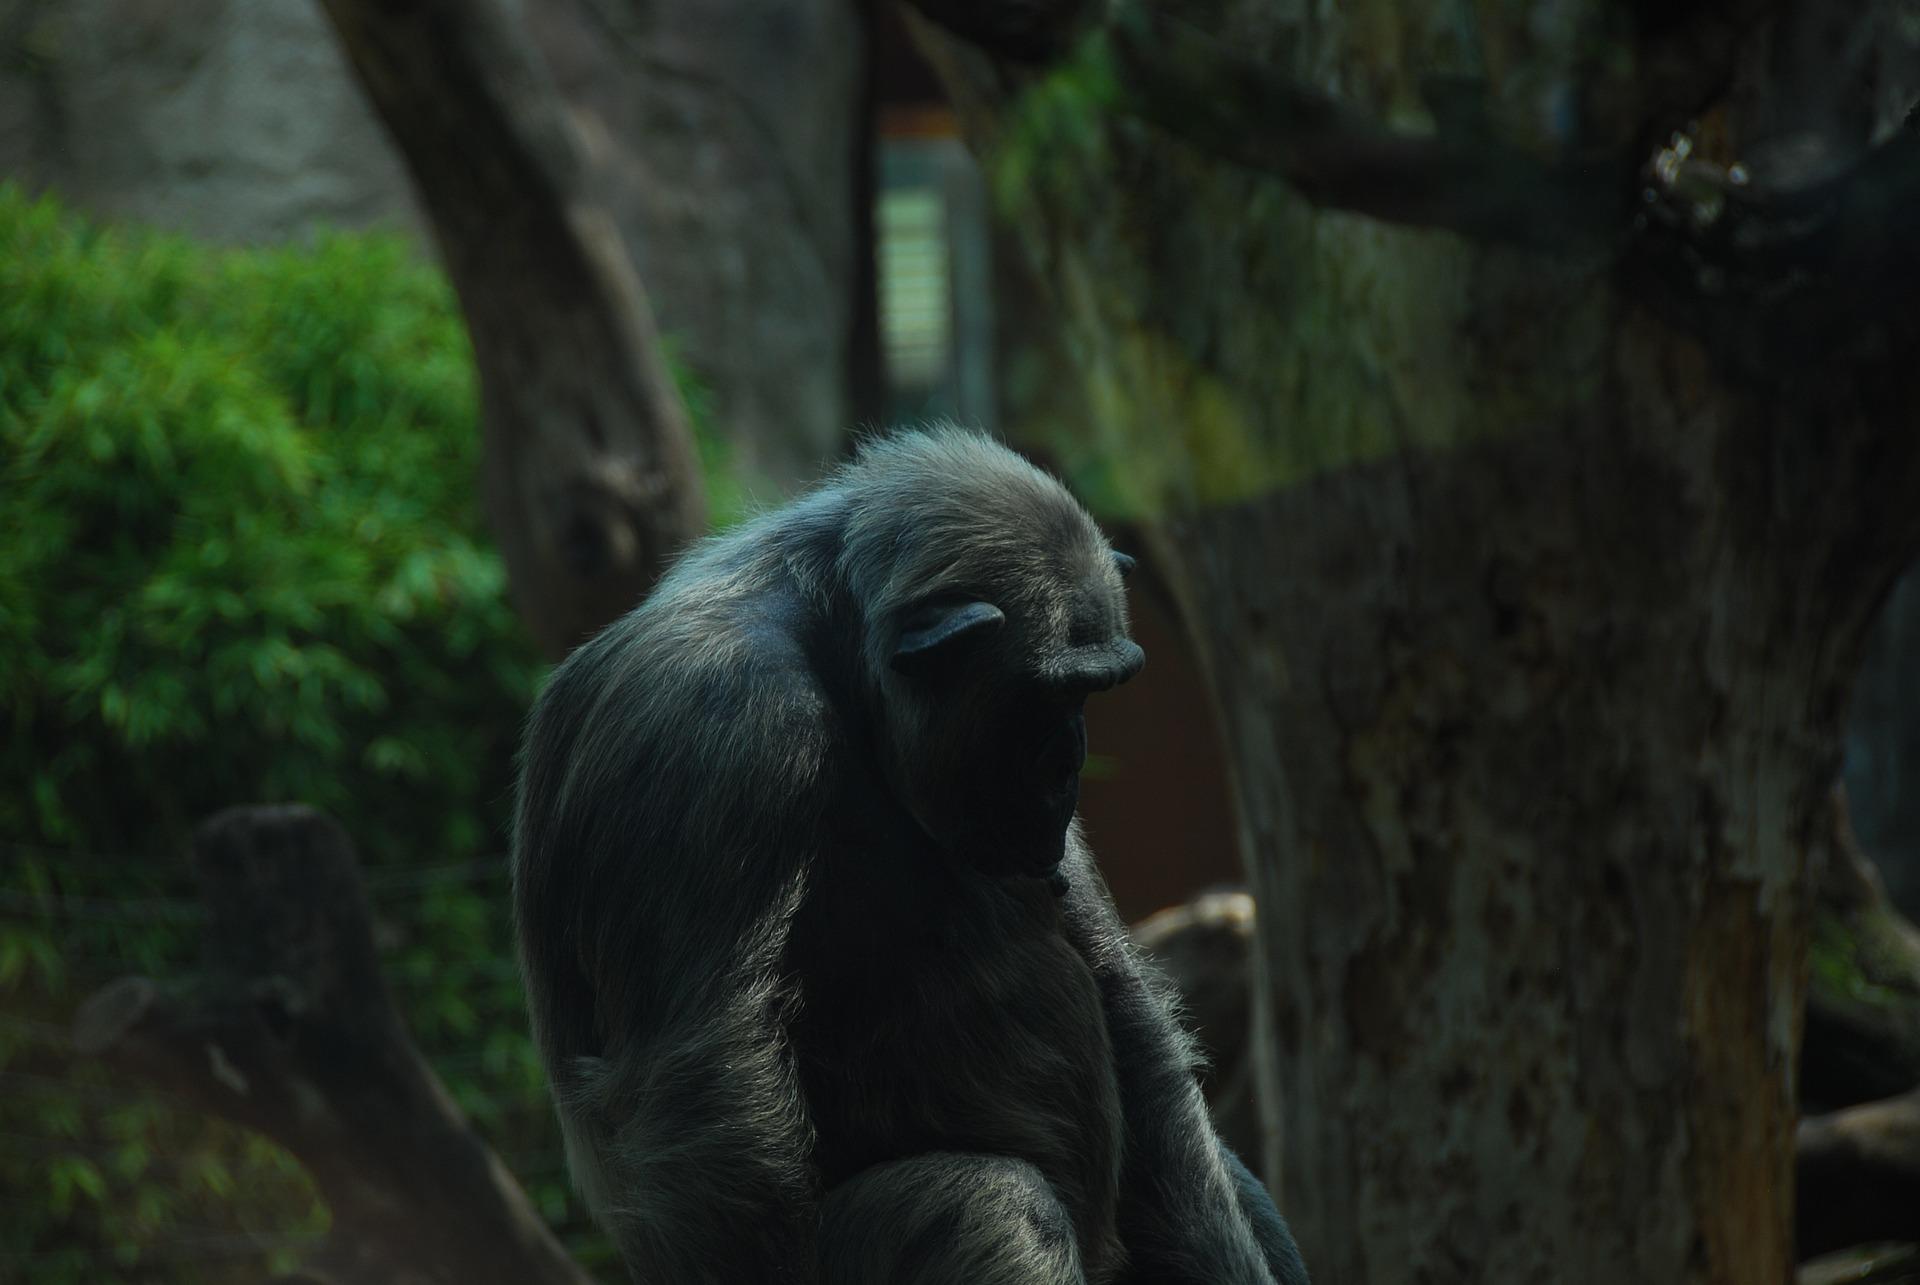 shutterstock interdit les photos de singes hors de leur milieu naturel